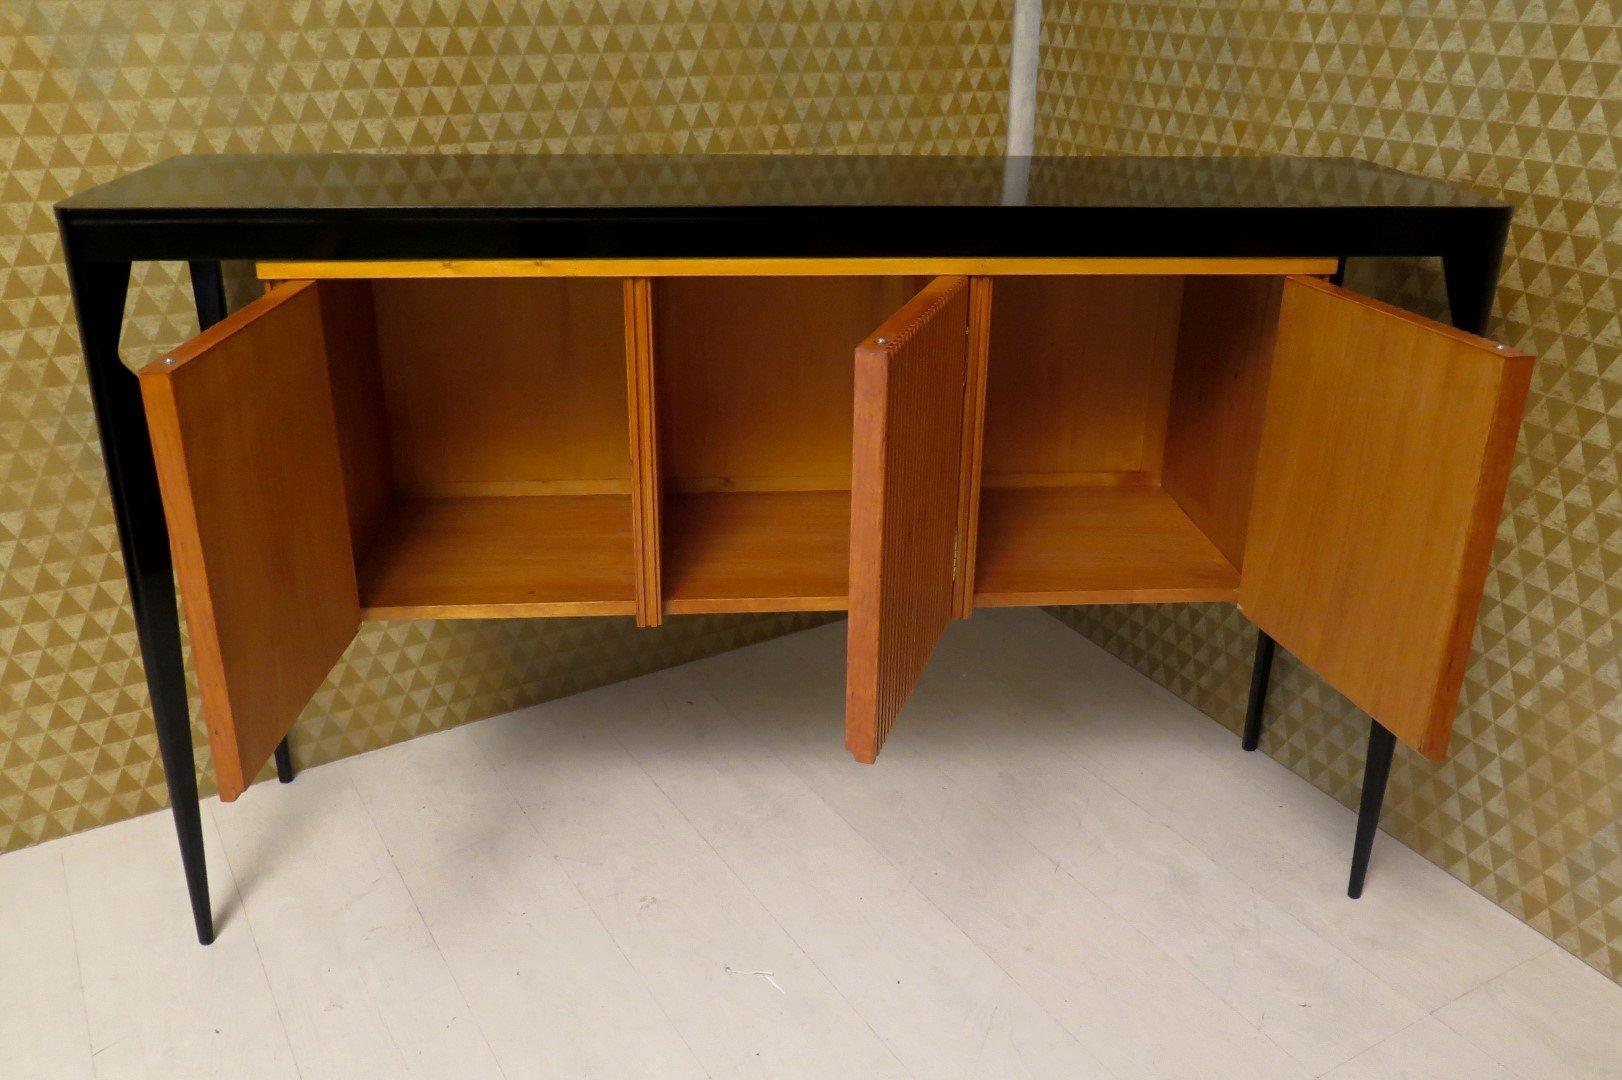 schwarzes art deco sideboard mit kirschholz bei pamono kaufen. Black Bedroom Furniture Sets. Home Design Ideas